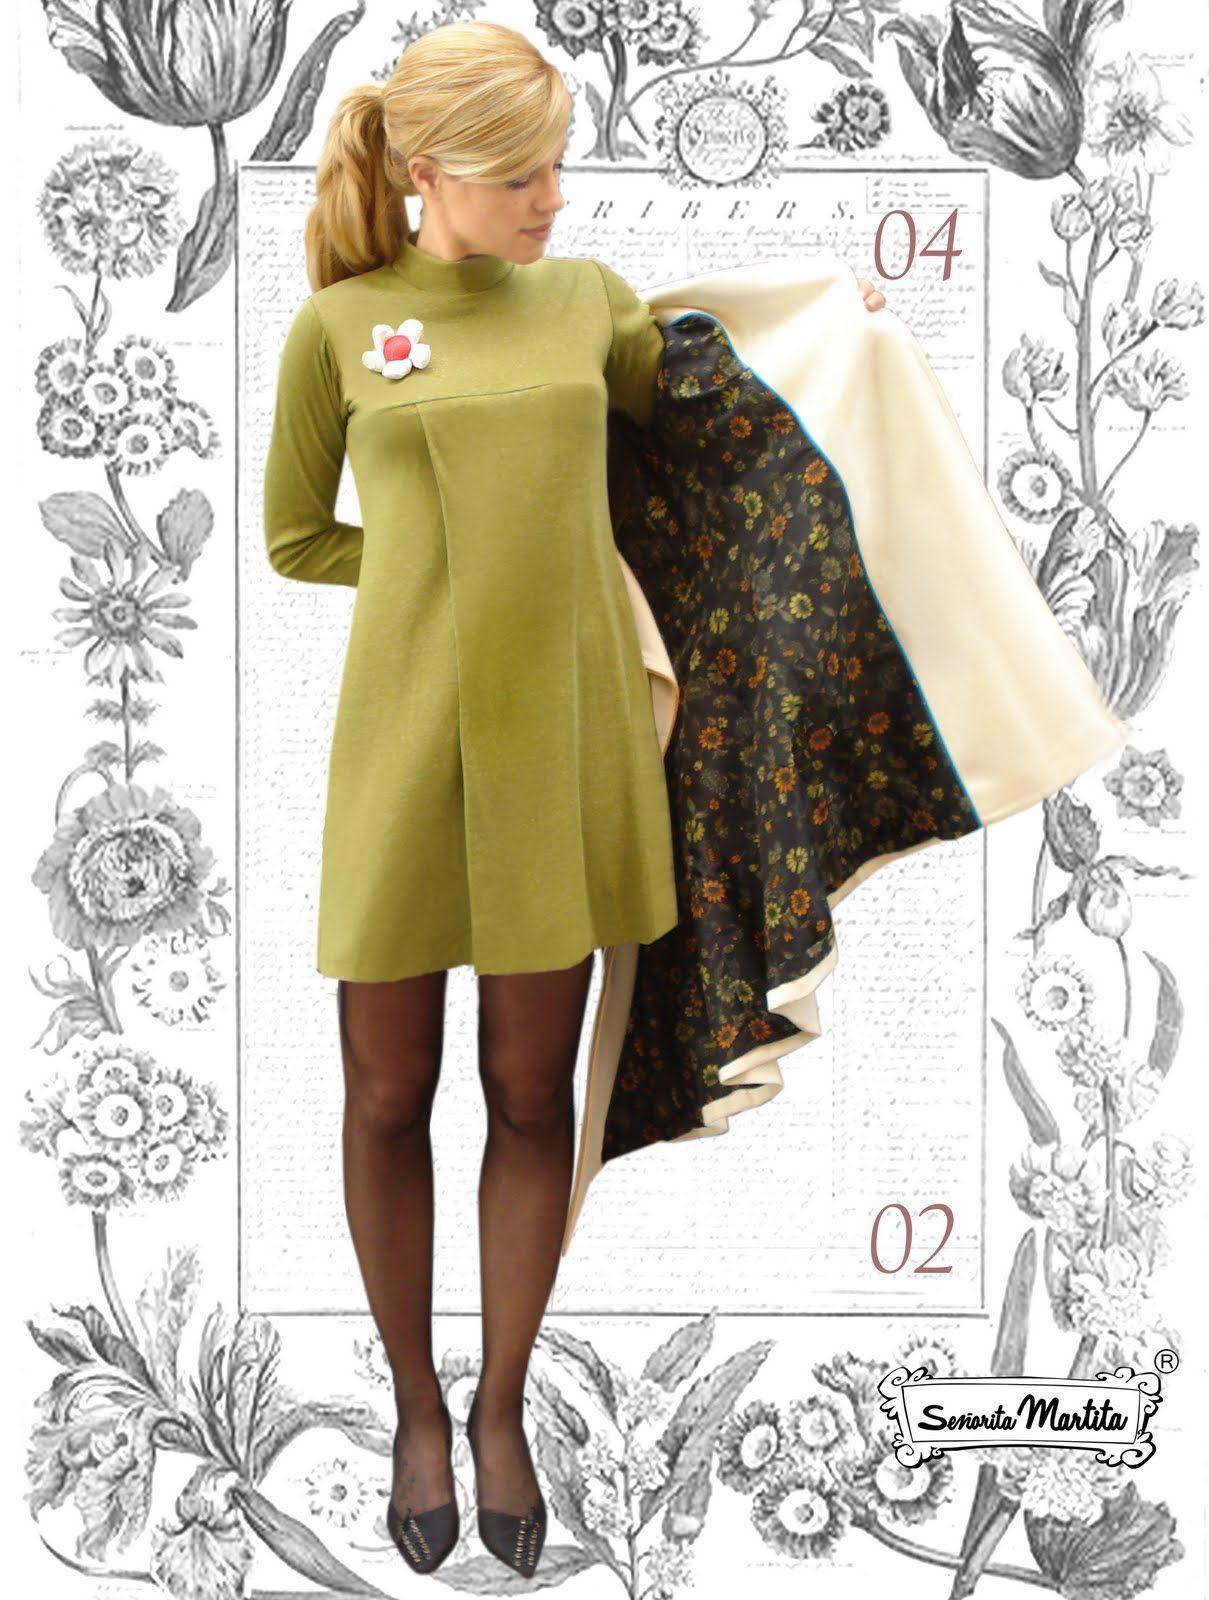 Señorita Martita ® fall-winter collection